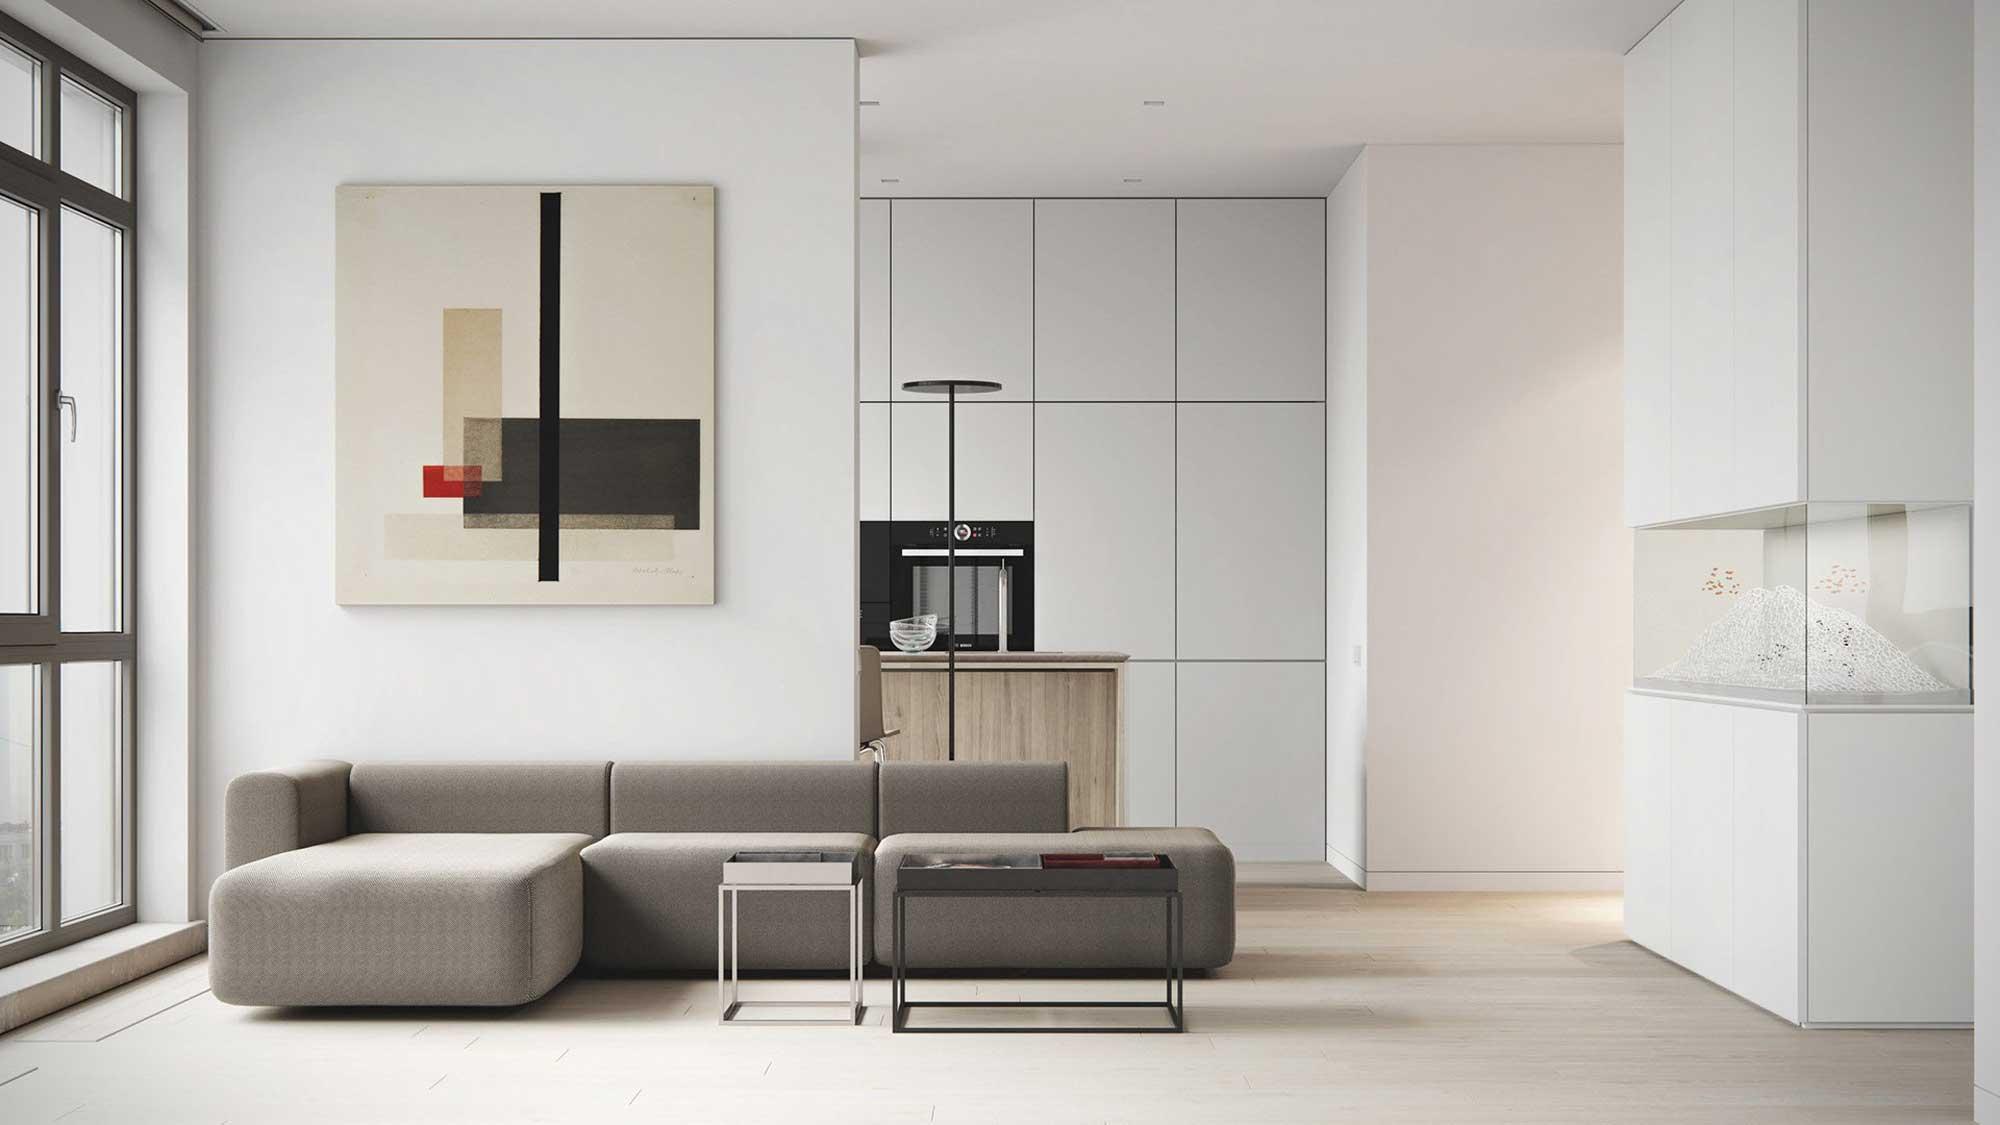 Un salon blanc minimaliste avec une pointe de décoration et un aquarium incrusta dans le mur